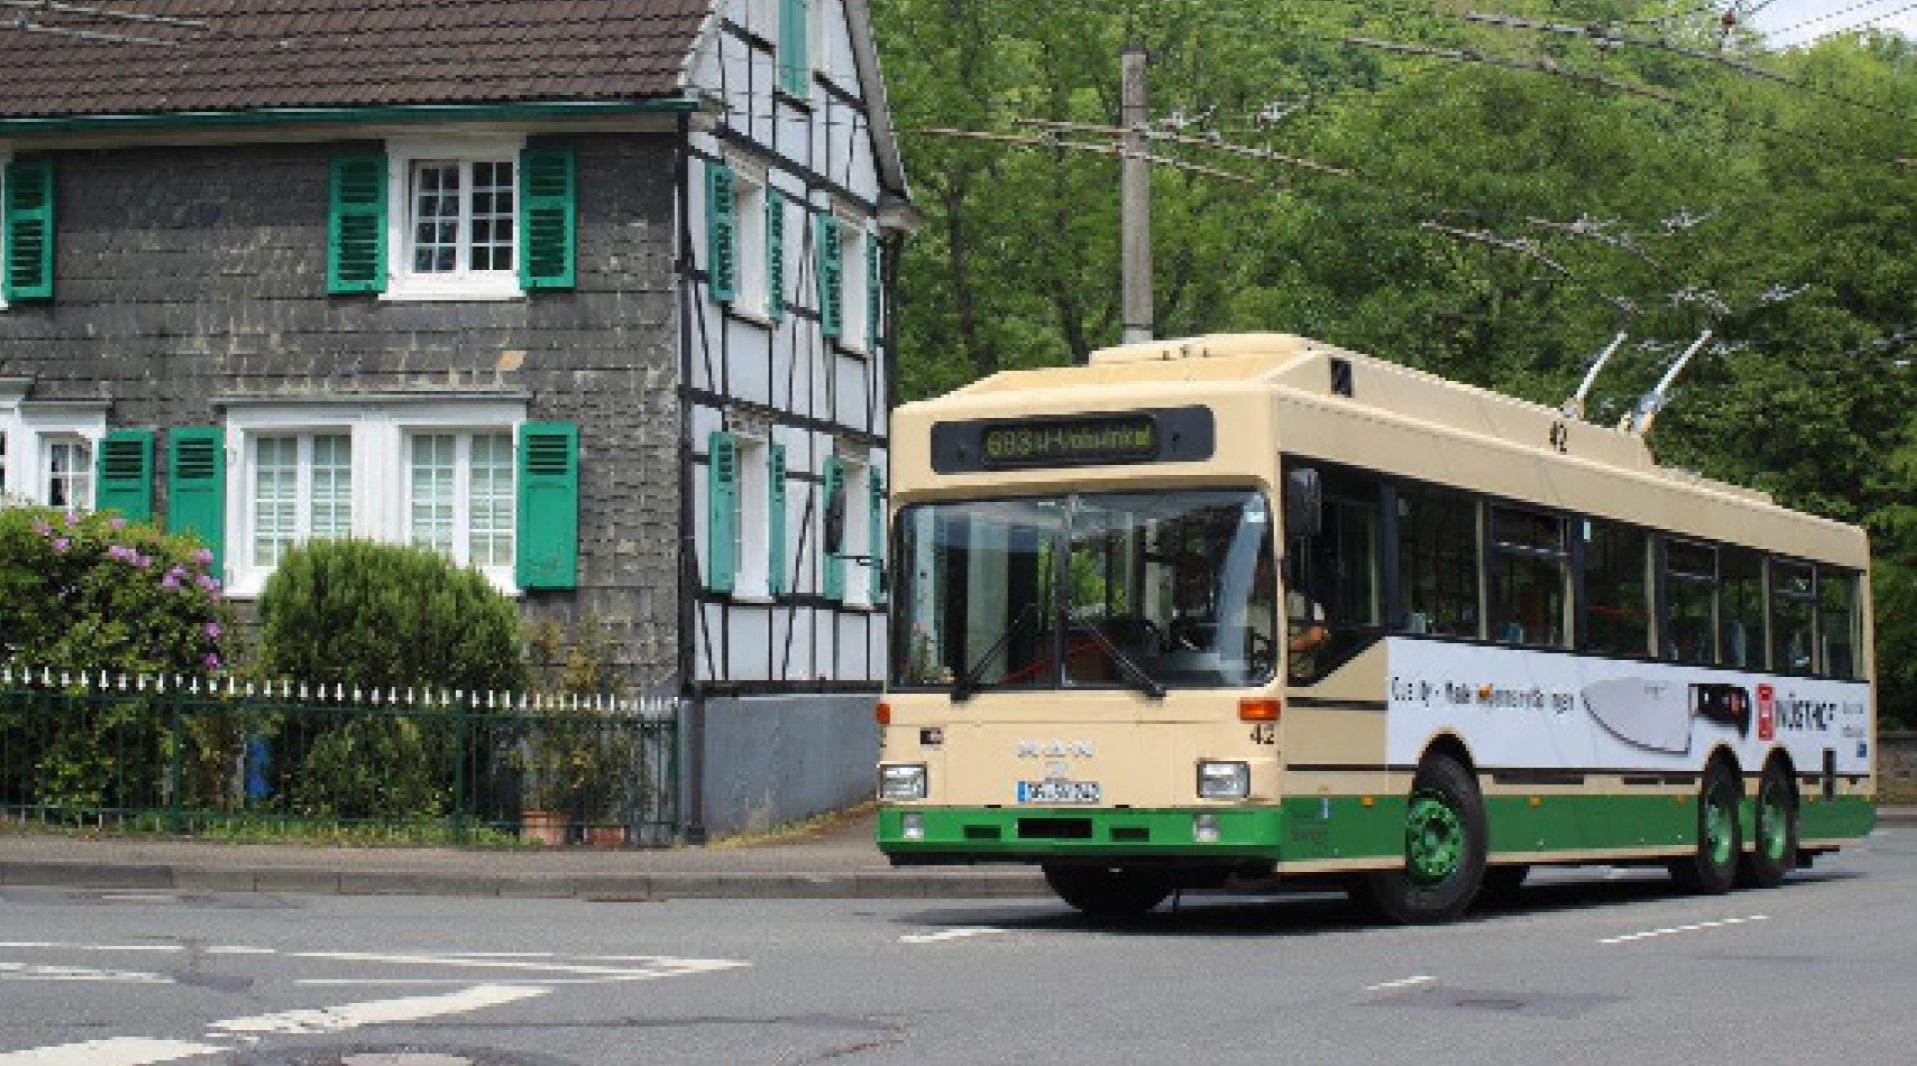 Ein Solinger Original:  Der Oberleitungs-Bus in Solingen Burg.